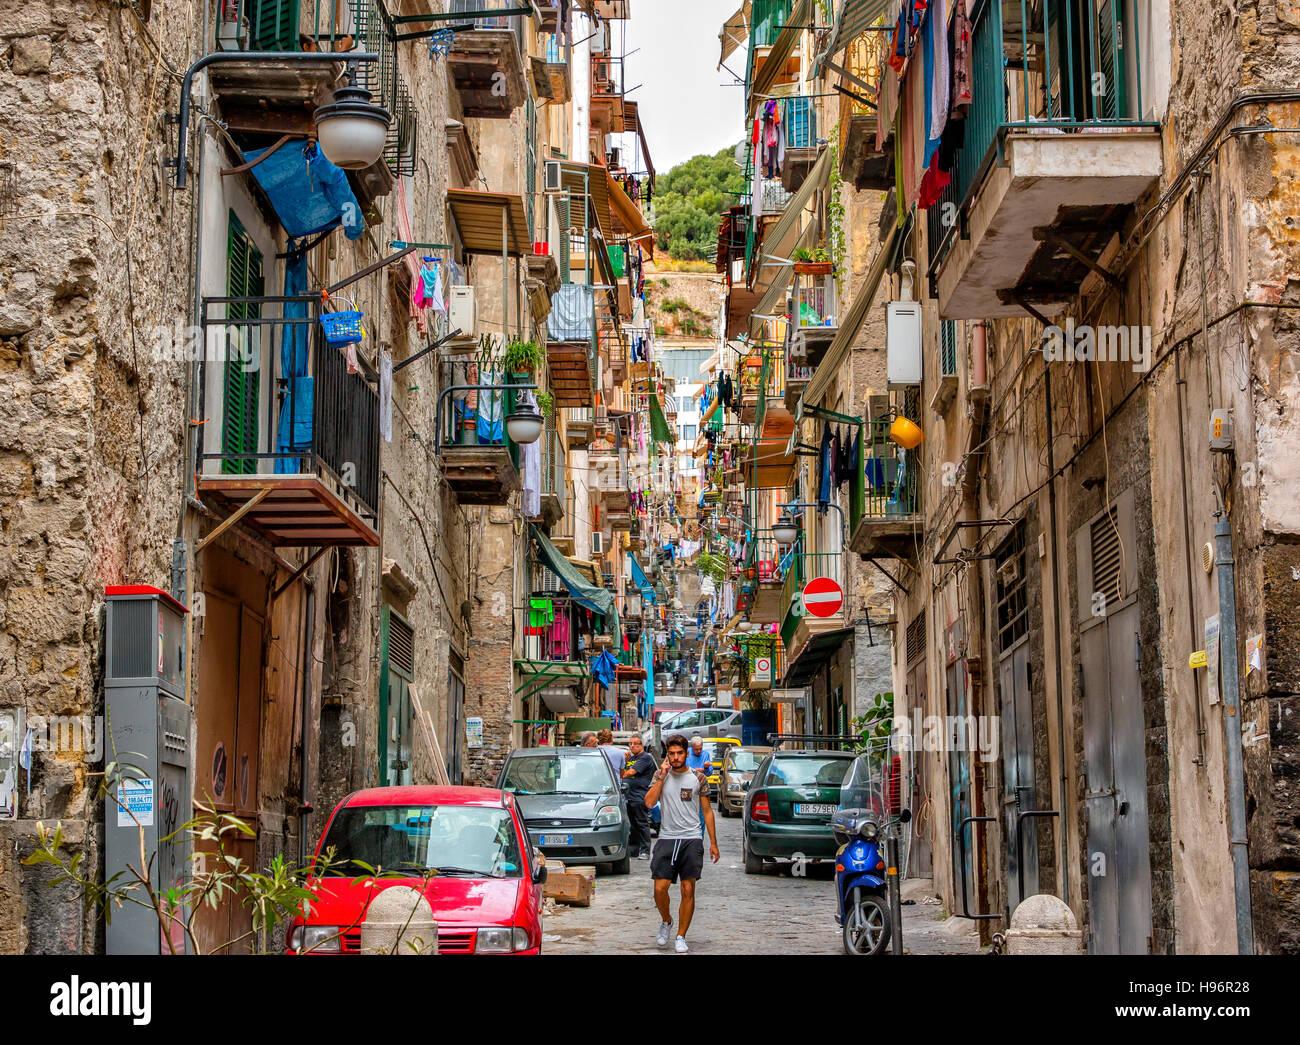 Street scene in Quartieri Spagnoli, Naples, Italy - Stock Image